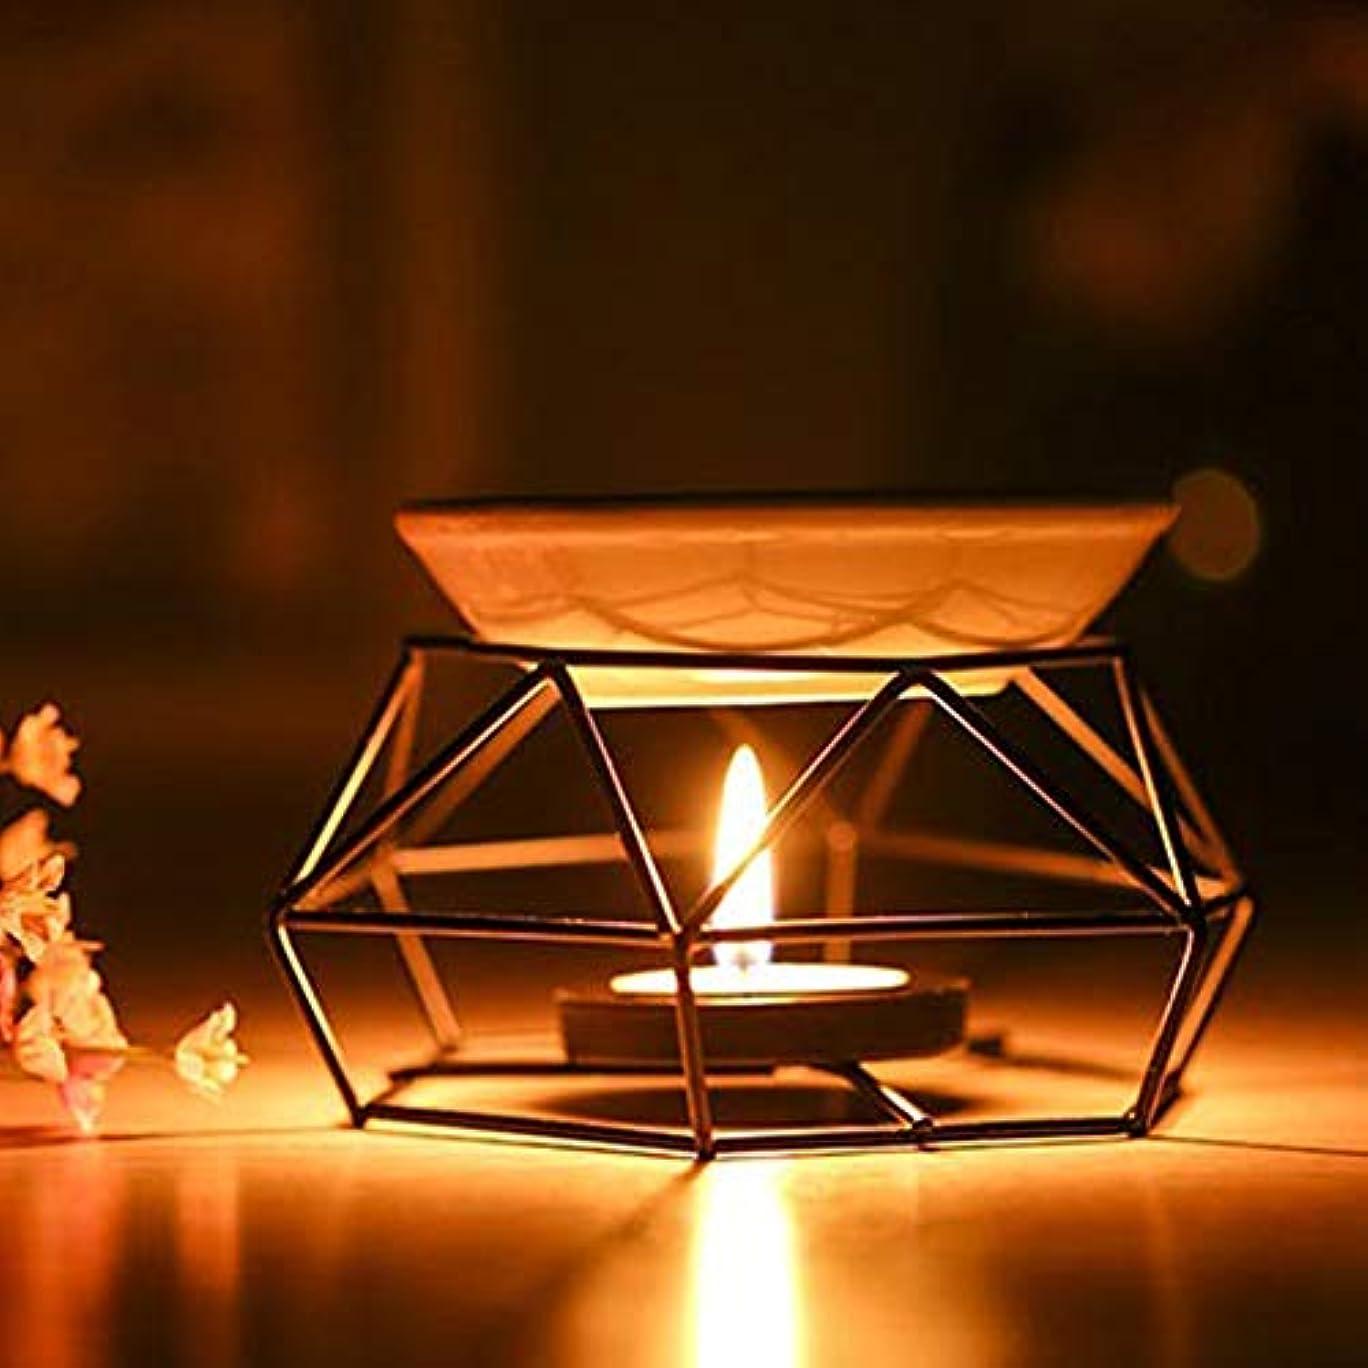 アロマディフューザーアロマセラピーアイロンホームデコレーションヨガキャンドル屋内工芸品オイルバーナーブラックギフトスパ